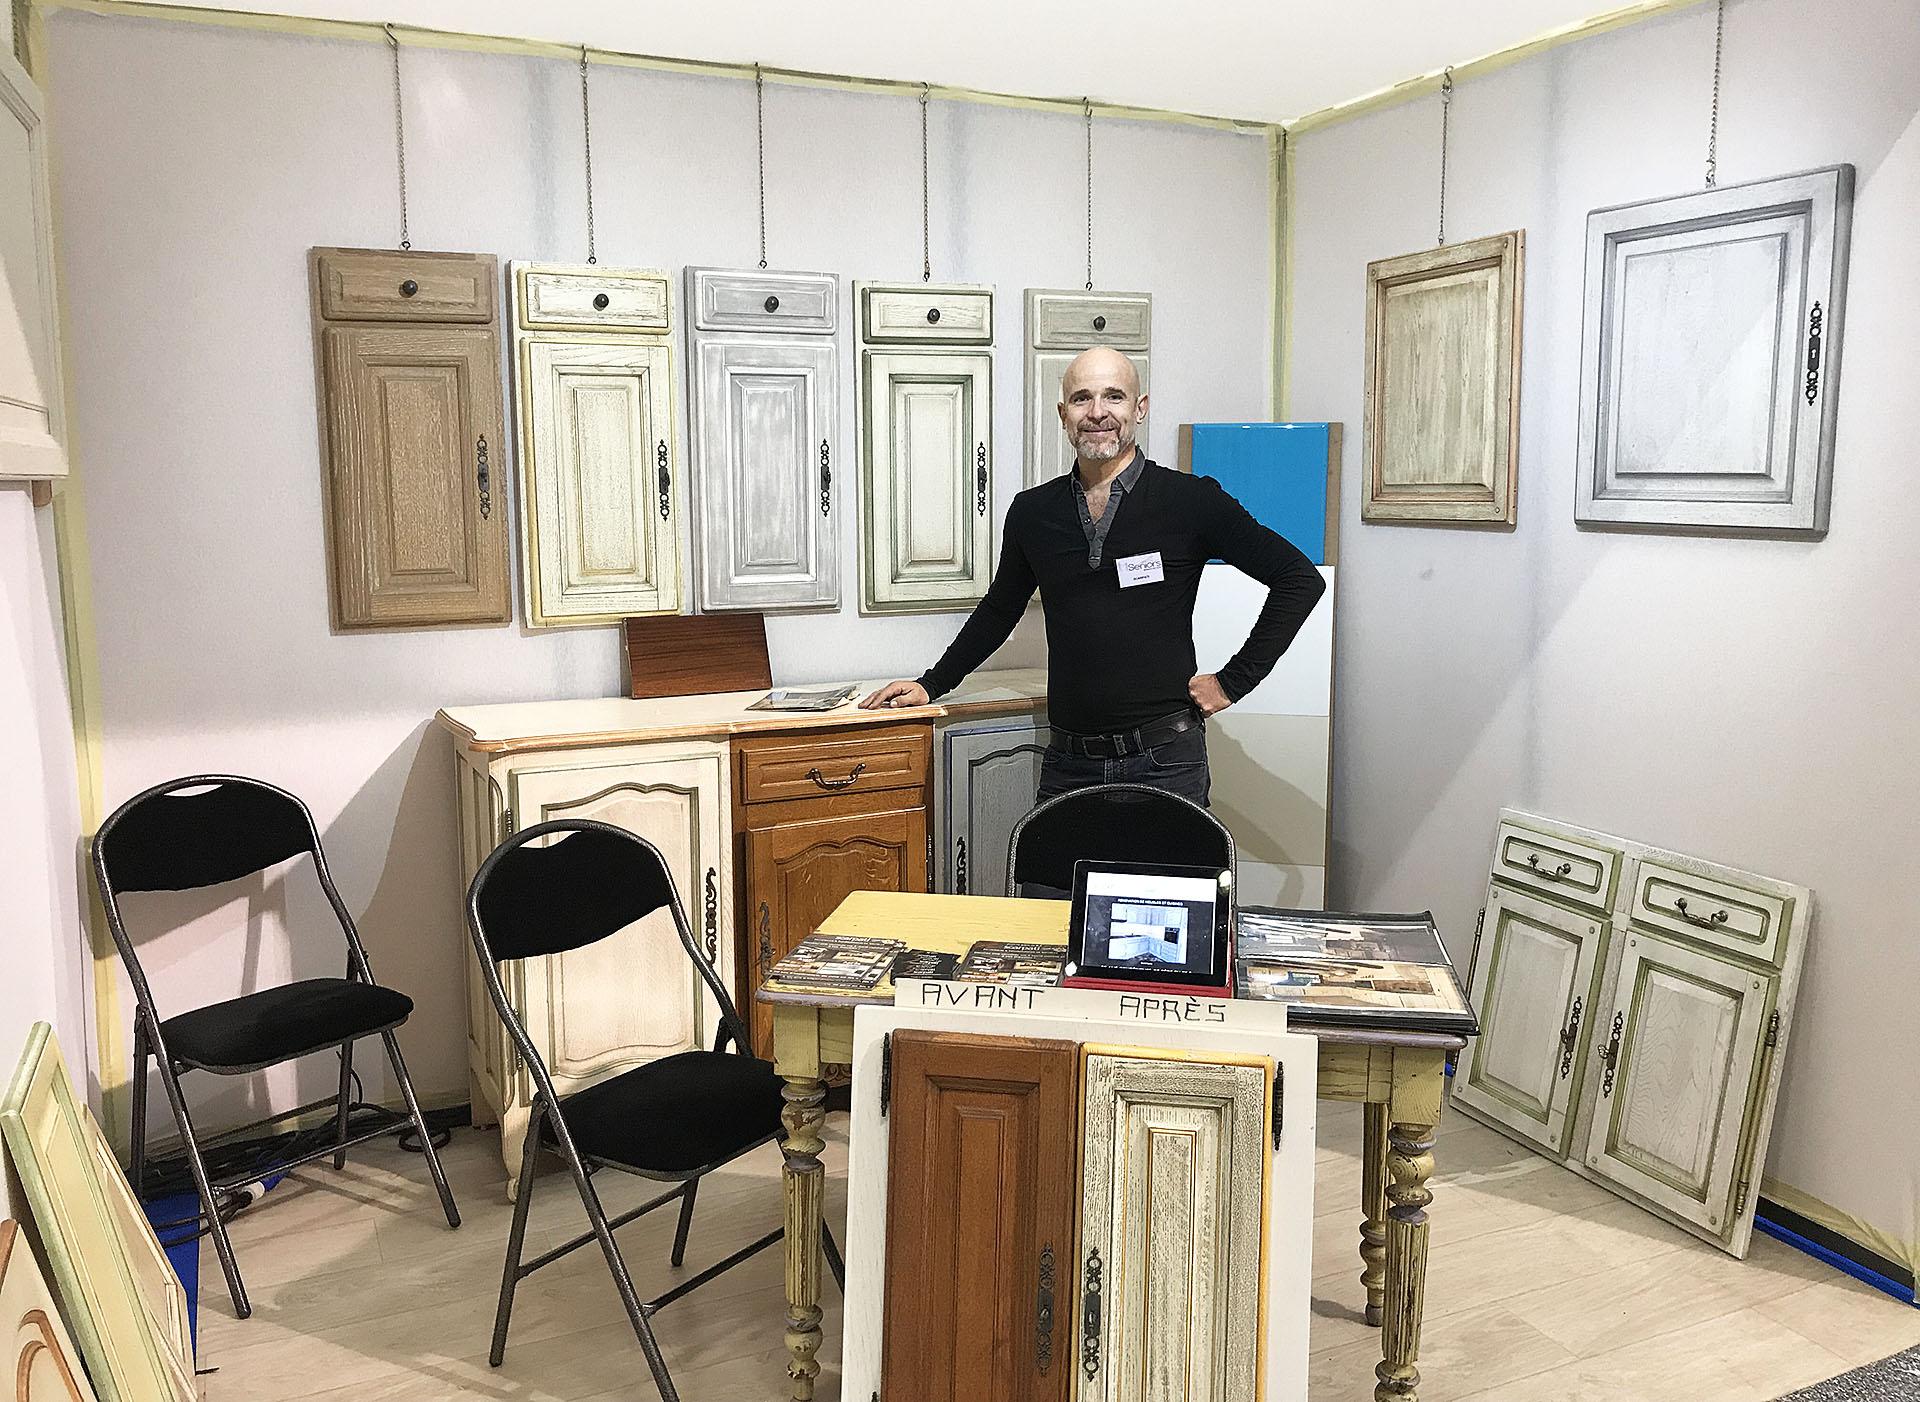 Peinture Pour Renover Meuble rénovation de meubles et cuisines et salle de bain - scarpati